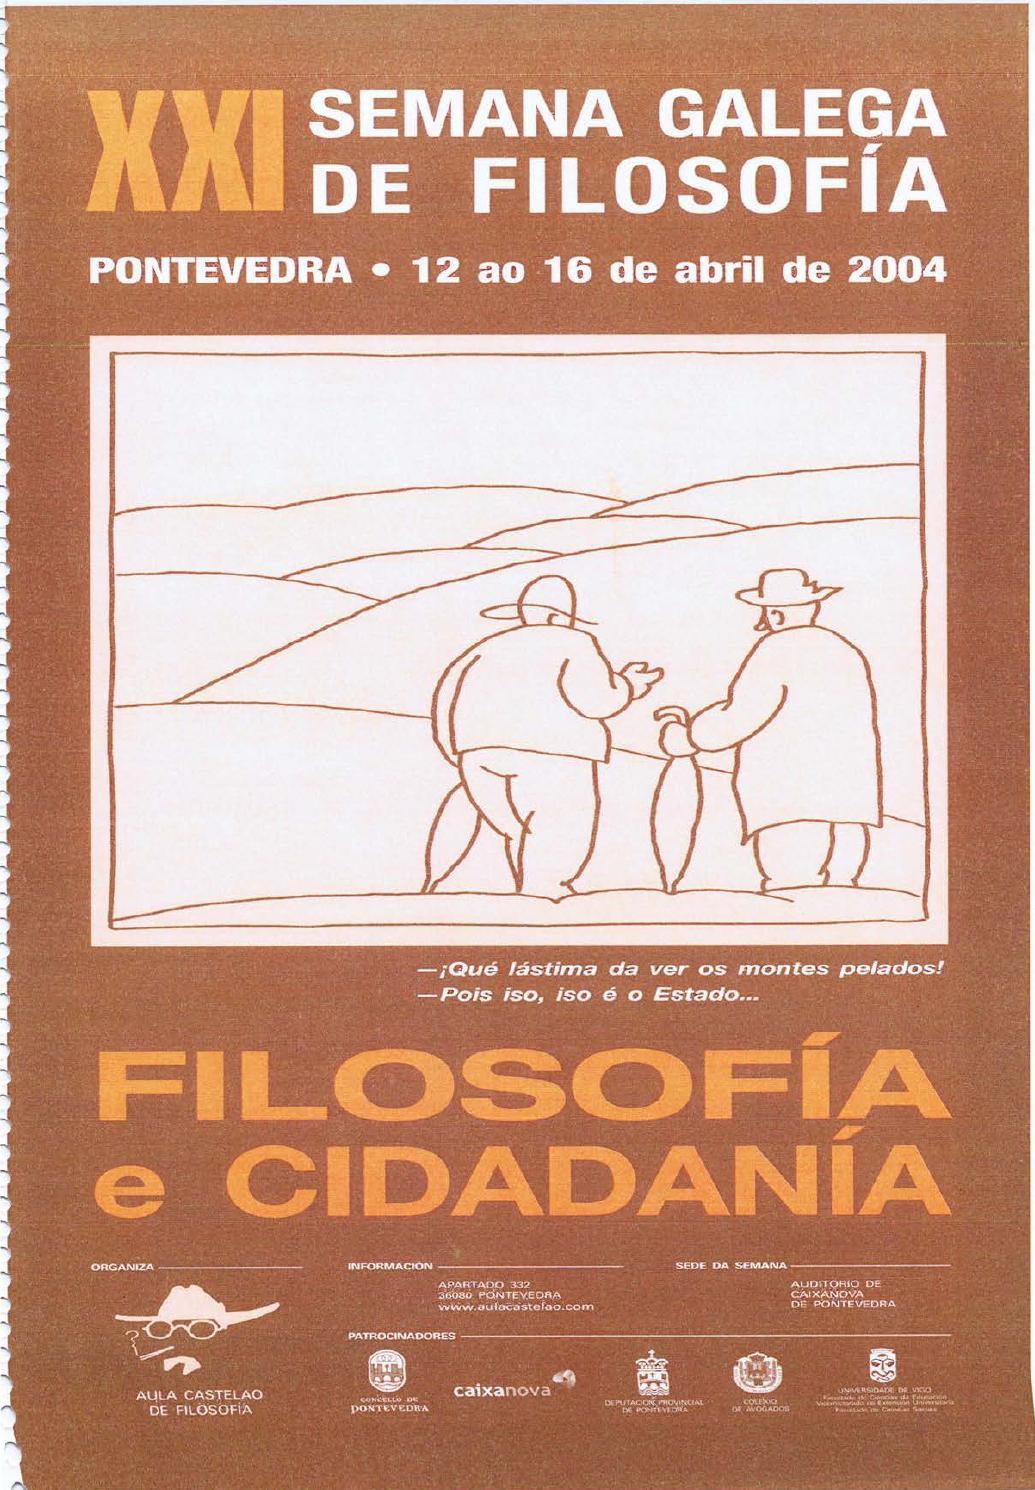 Xxi Semana Galega De Filosofia Dossier De Prensa By Aula Castelao